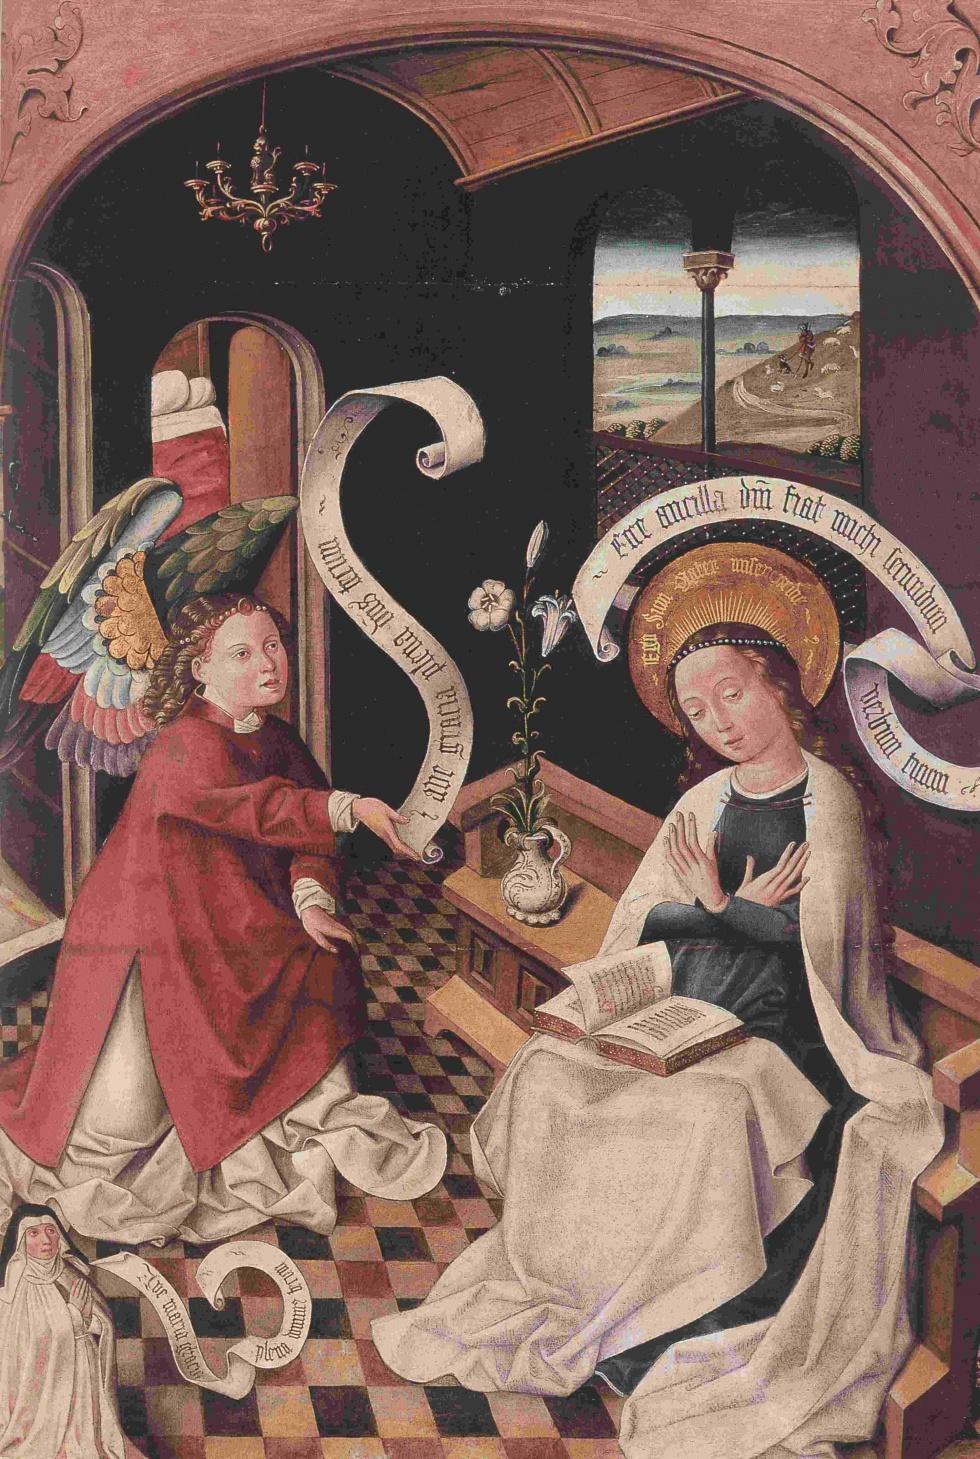 Image for object C 5635 from Museum für Kunst und Kulturgeschichte der Stadt Dortmund